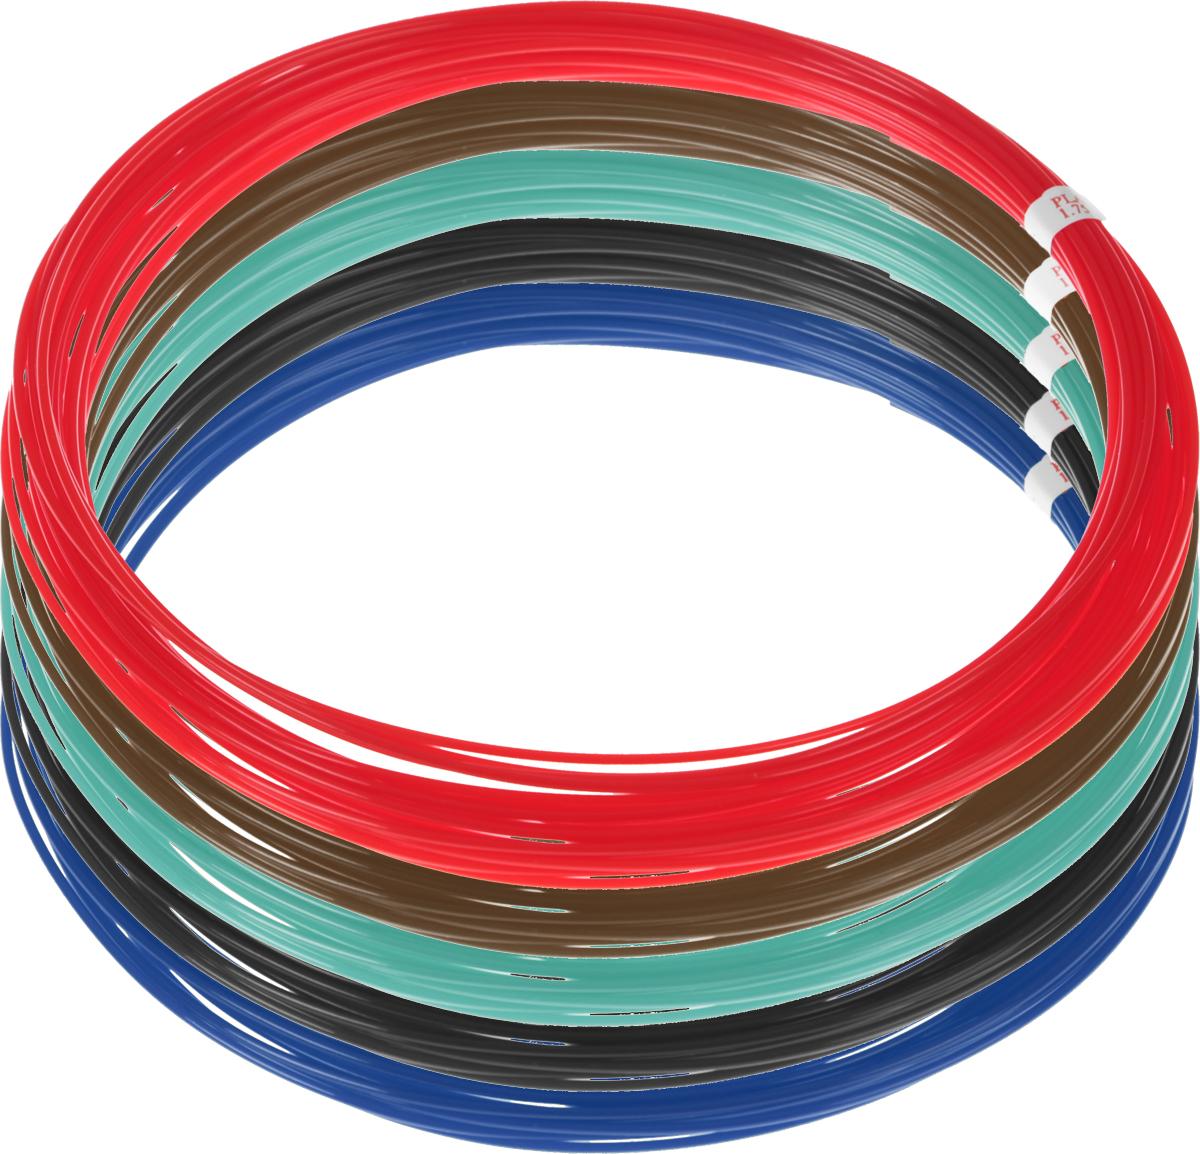 Dewang пластик PLA 5 цветов по 10 м2990000001498Пластик PLA создается из самых разнообразных продуктов сельского хозяйства - кукурузы, картофеля, сахарной свеклы и т.п. - и считается более экологичным, чем ABS, в основе которого лежит нефть. Изначально он применялся для изготовления продуктовых упаковок и легко утилизируется в промышленных компостных установках. При плавлении не выделяет едких запахов.